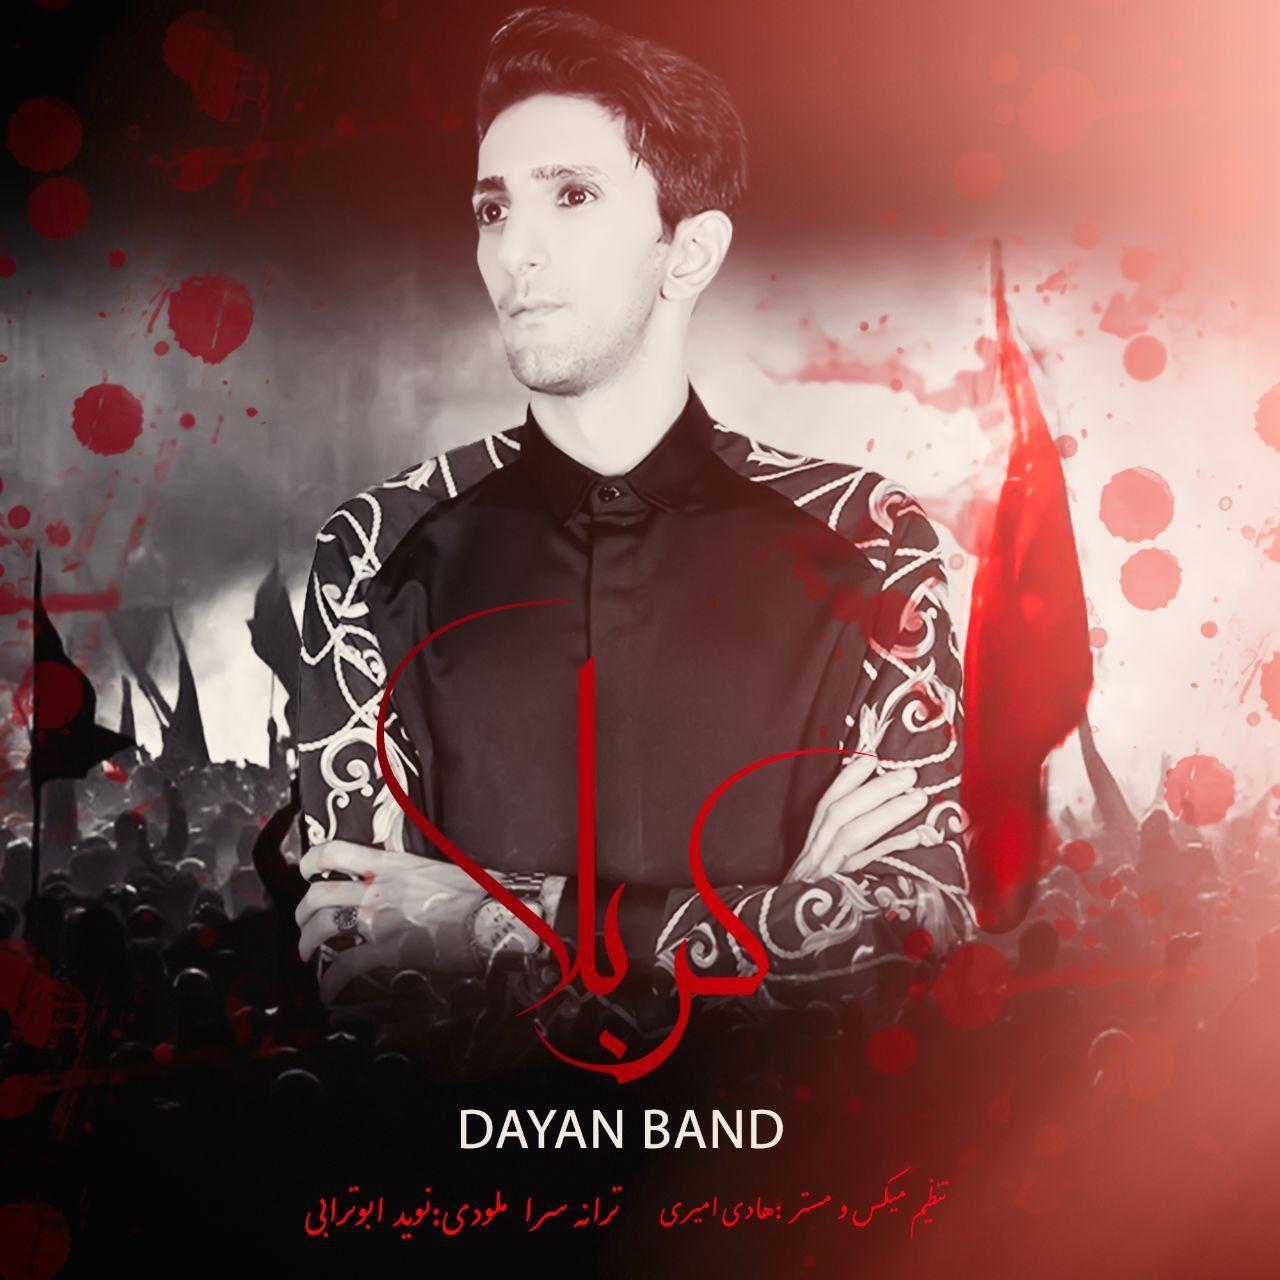 Dayan Band – Karbala